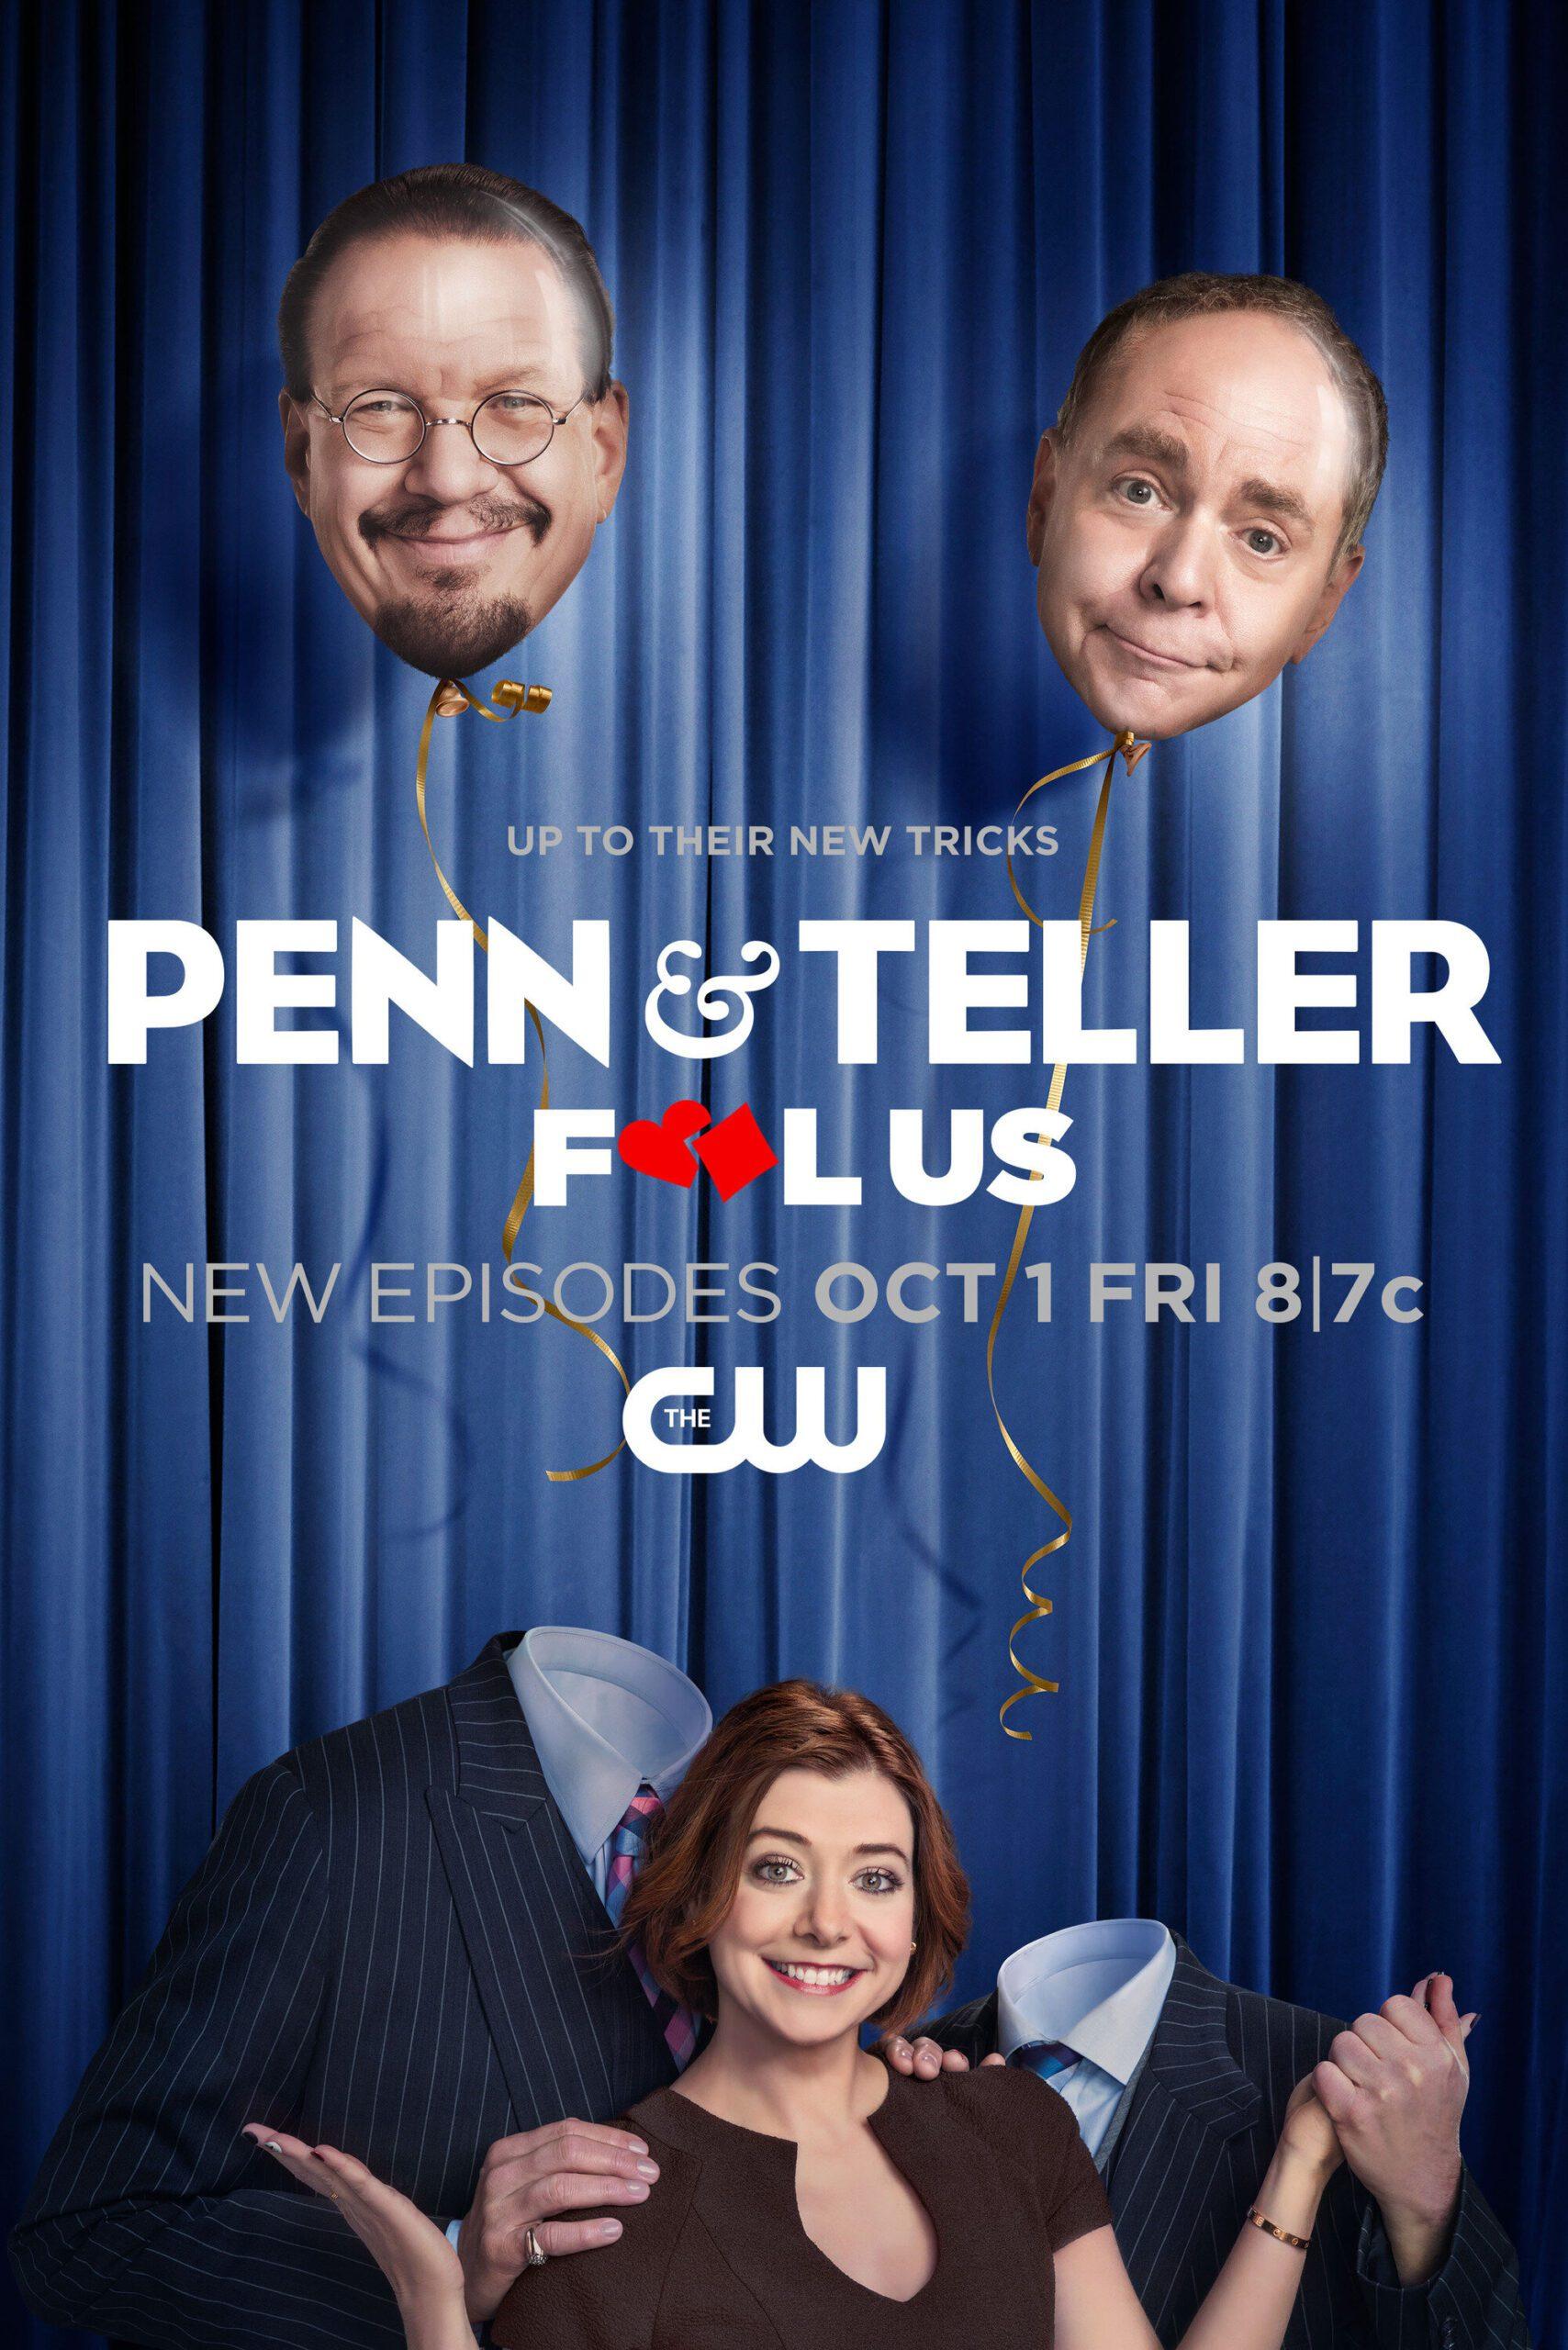 Penn & Teller: Fool Us teaser image